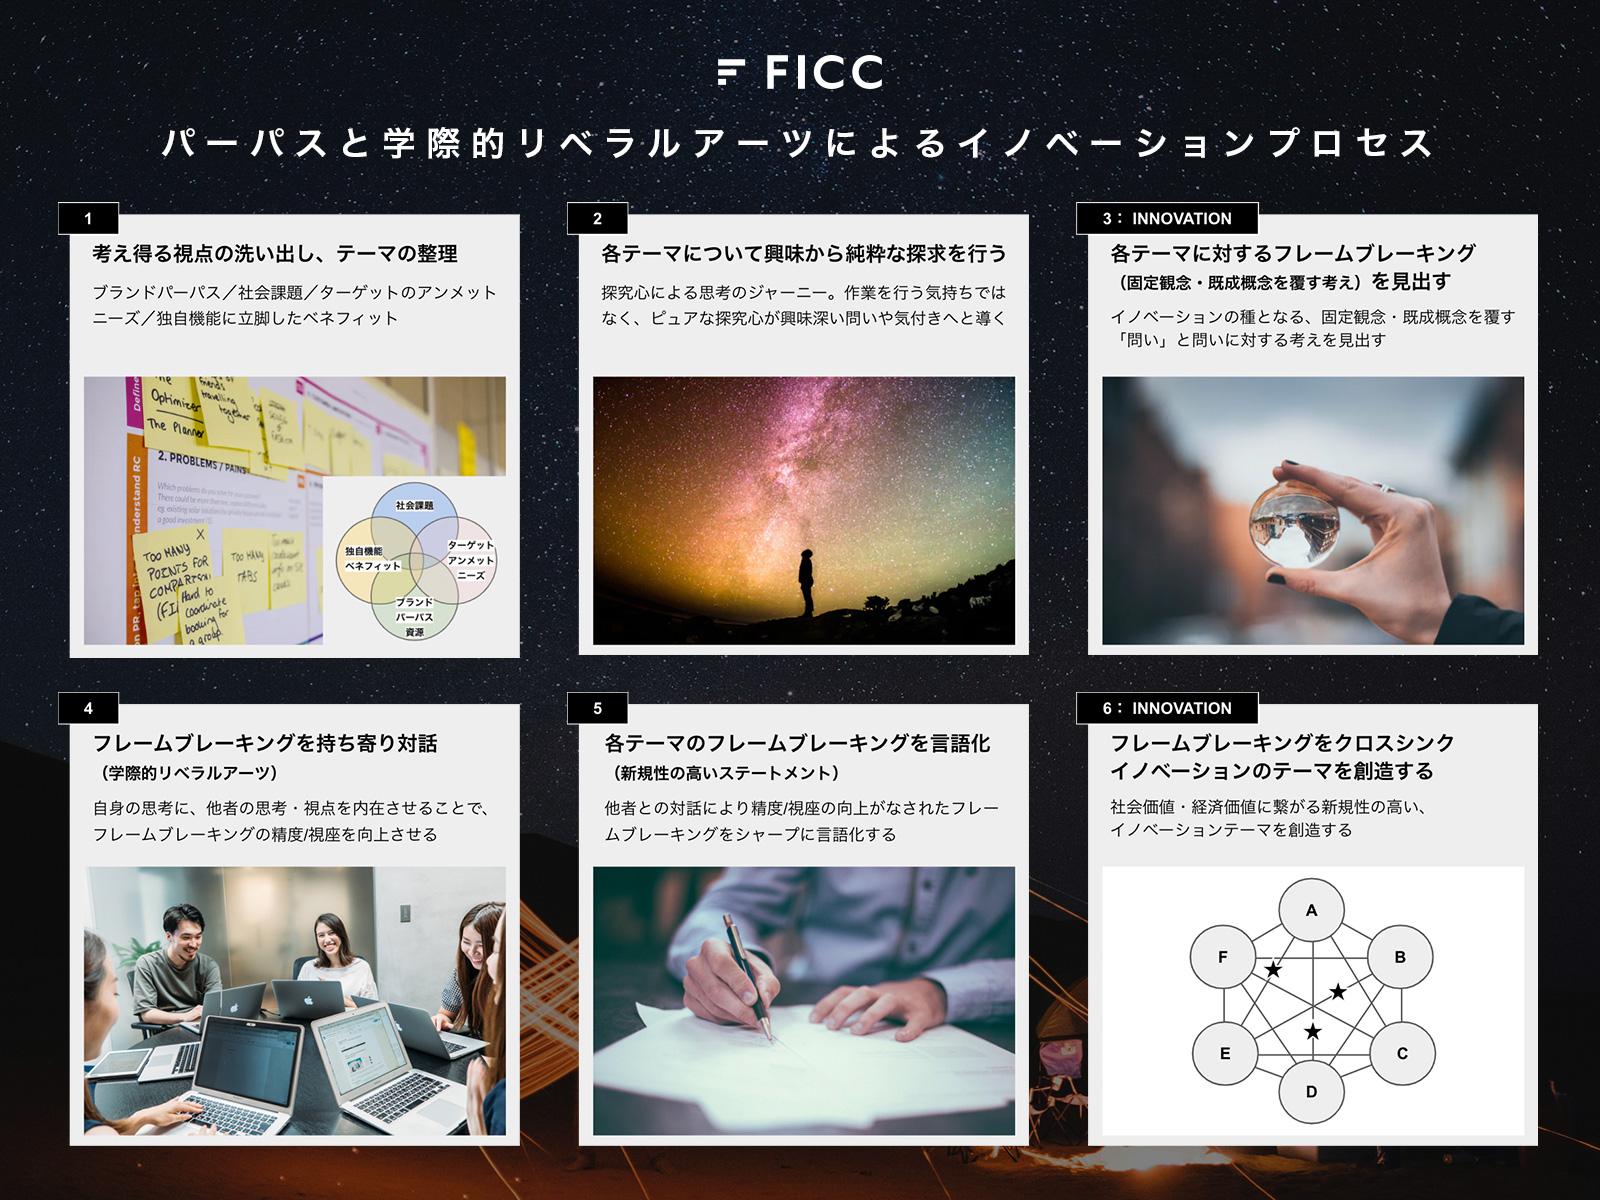 パーパスと学際的リベラルアーツによるイノベーションプロセス